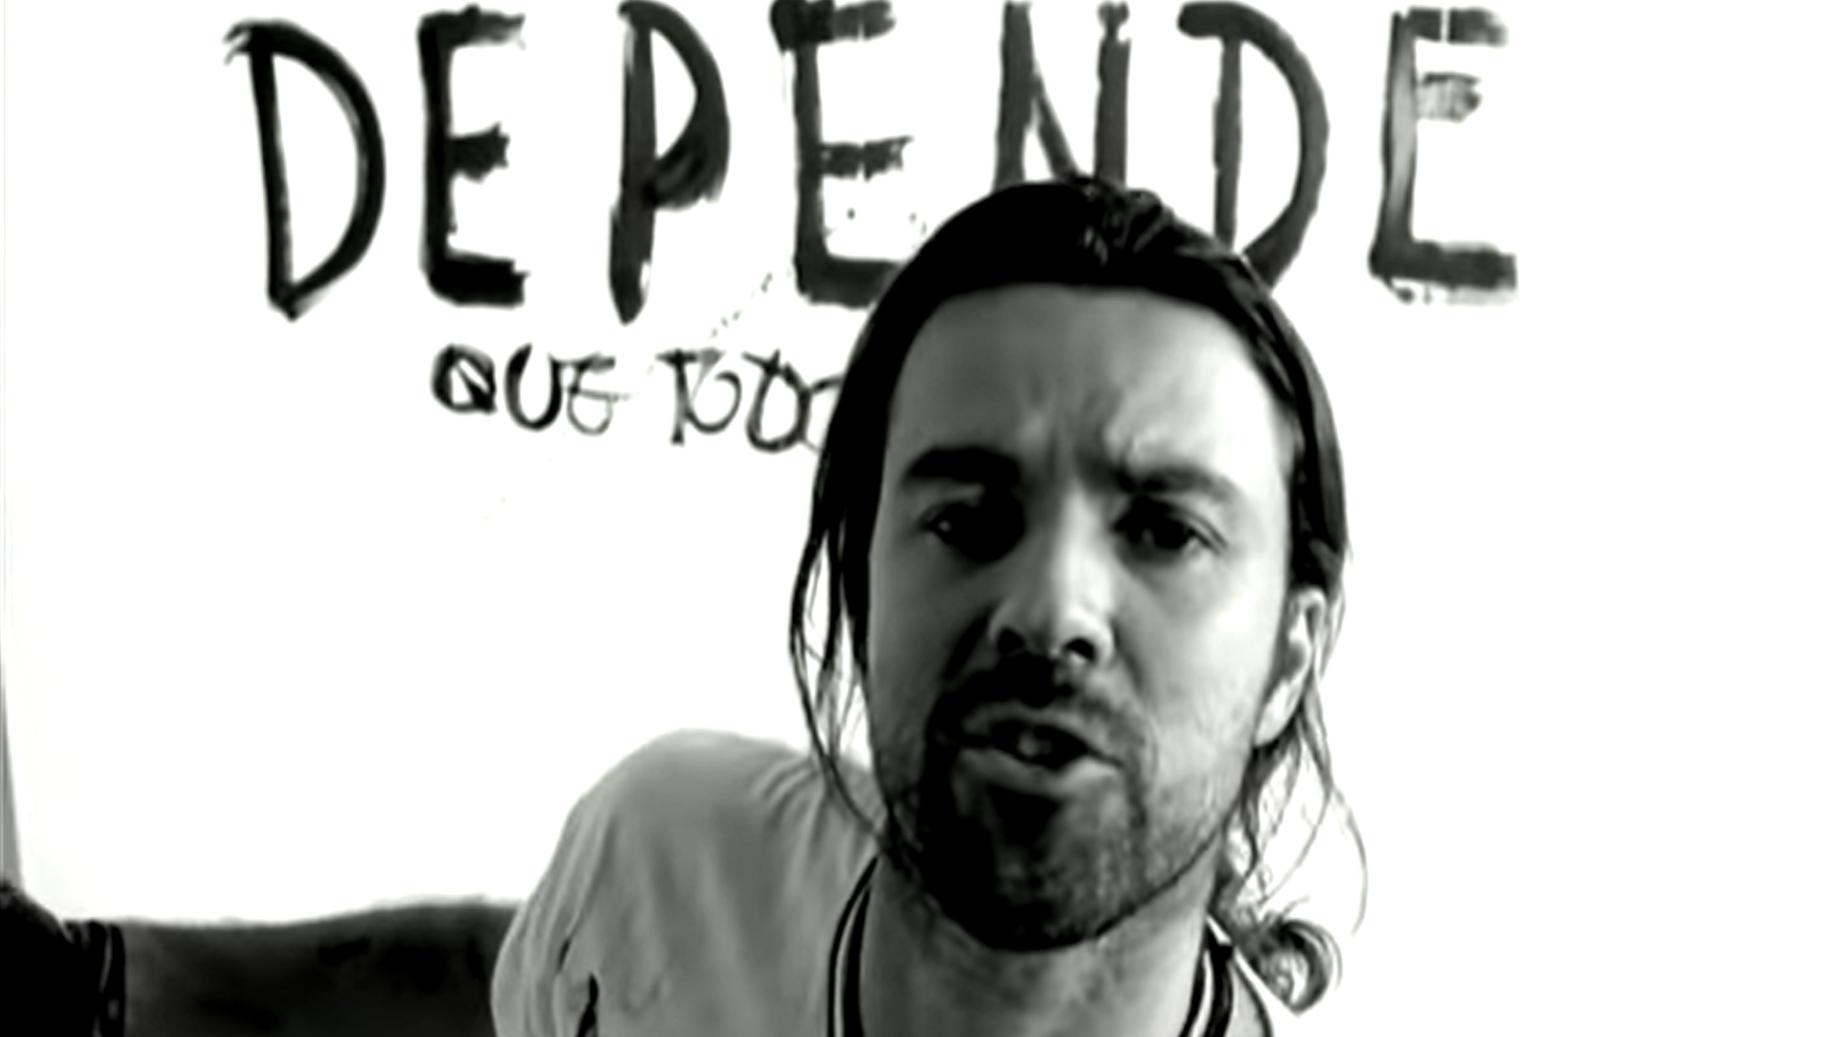 Depende - Jarabe de Palo Spanish and English lyrics